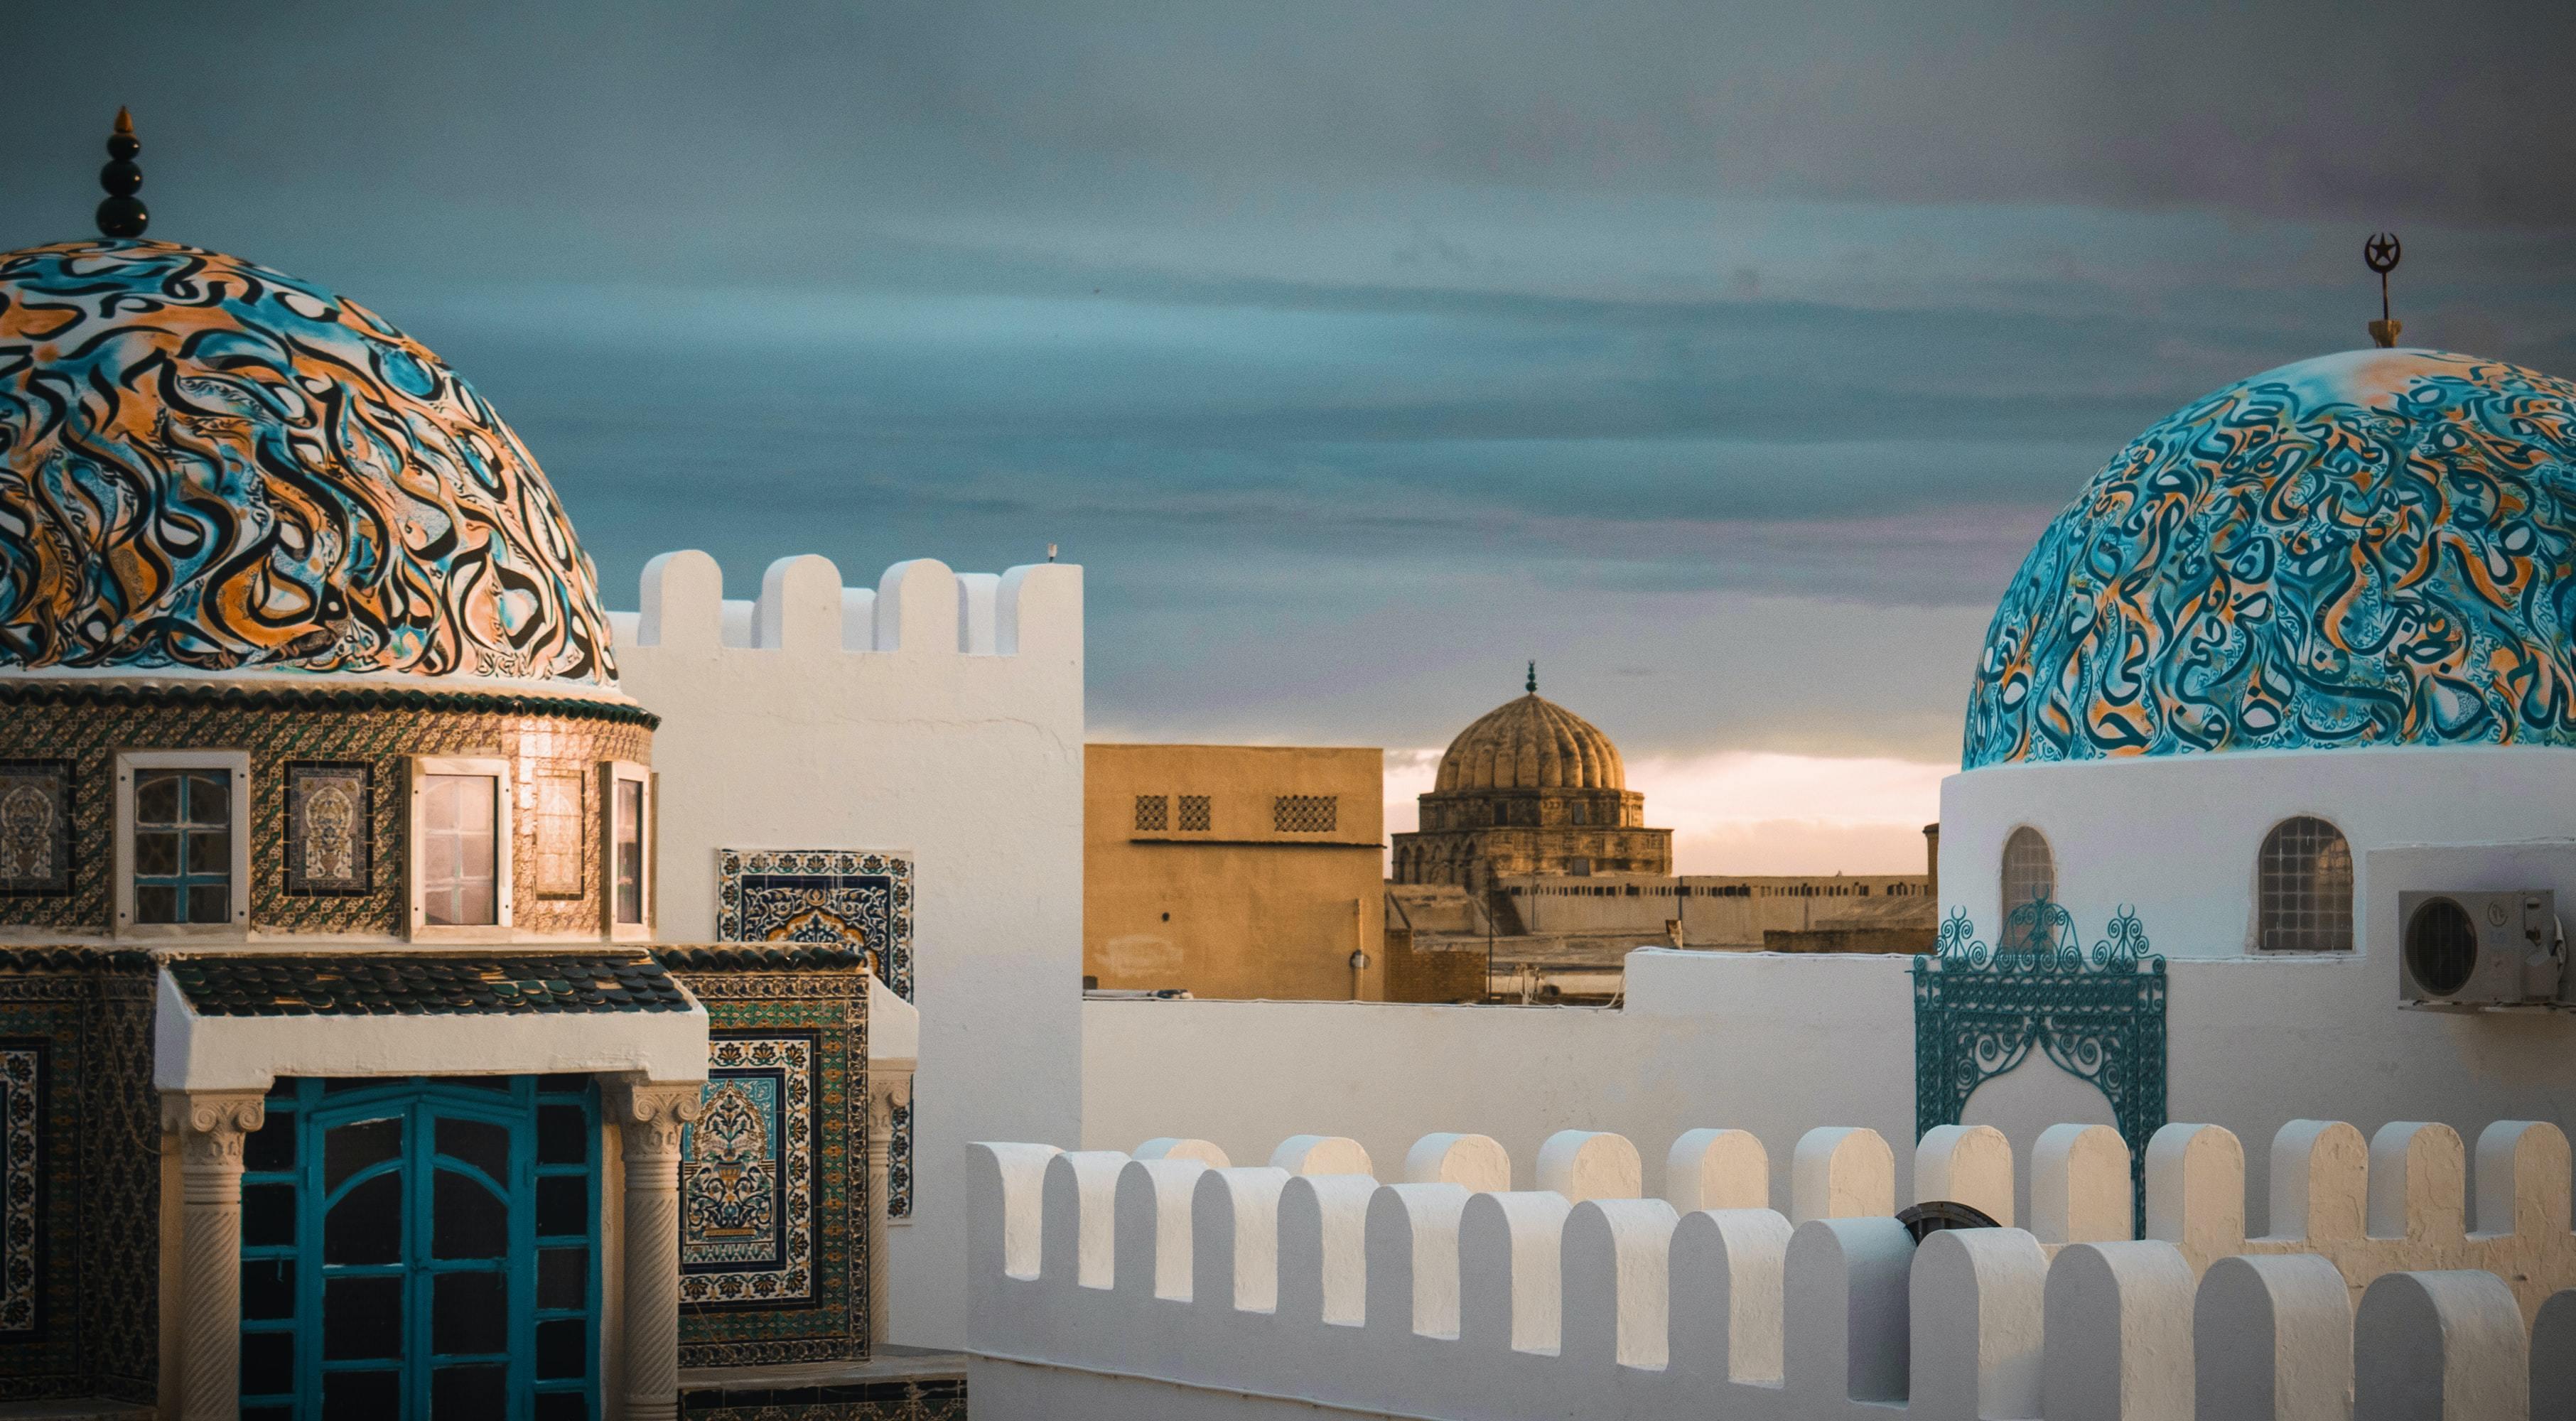 Houses in Tunisia